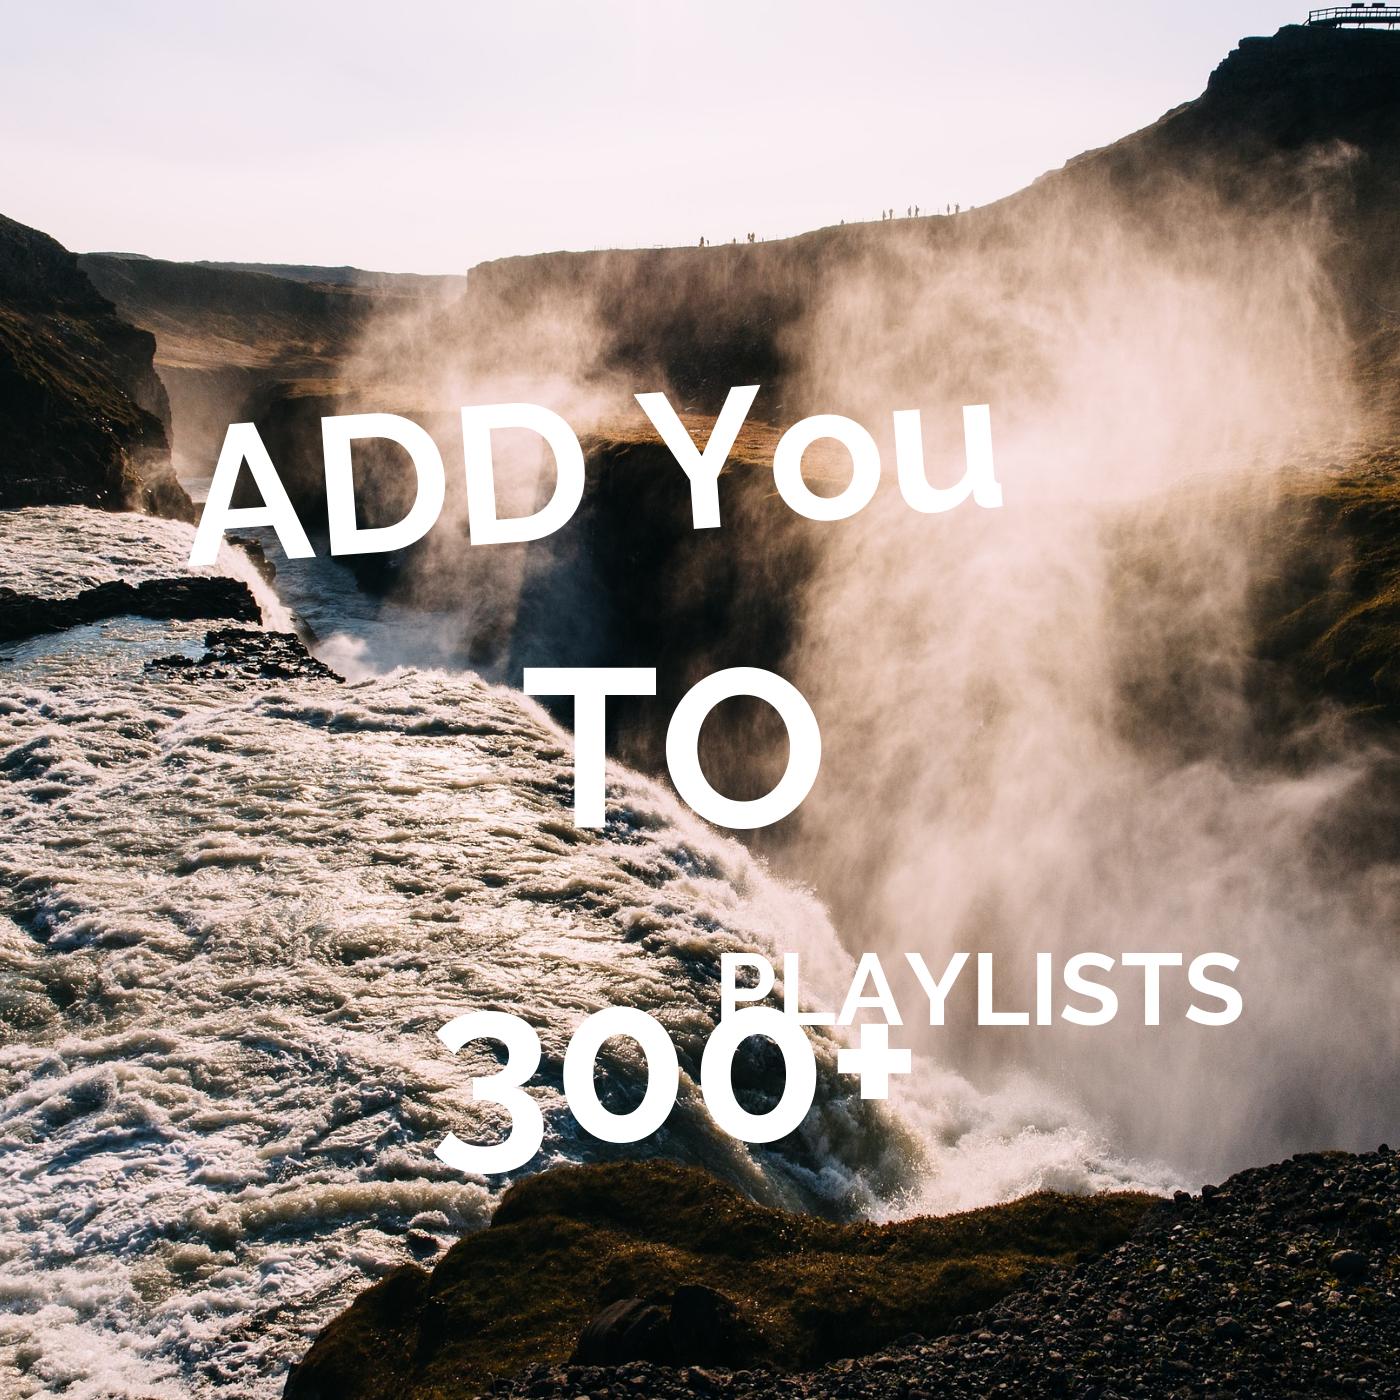 300 Collaborative Spotfy PLAYLISTS 5k Streams Campaign